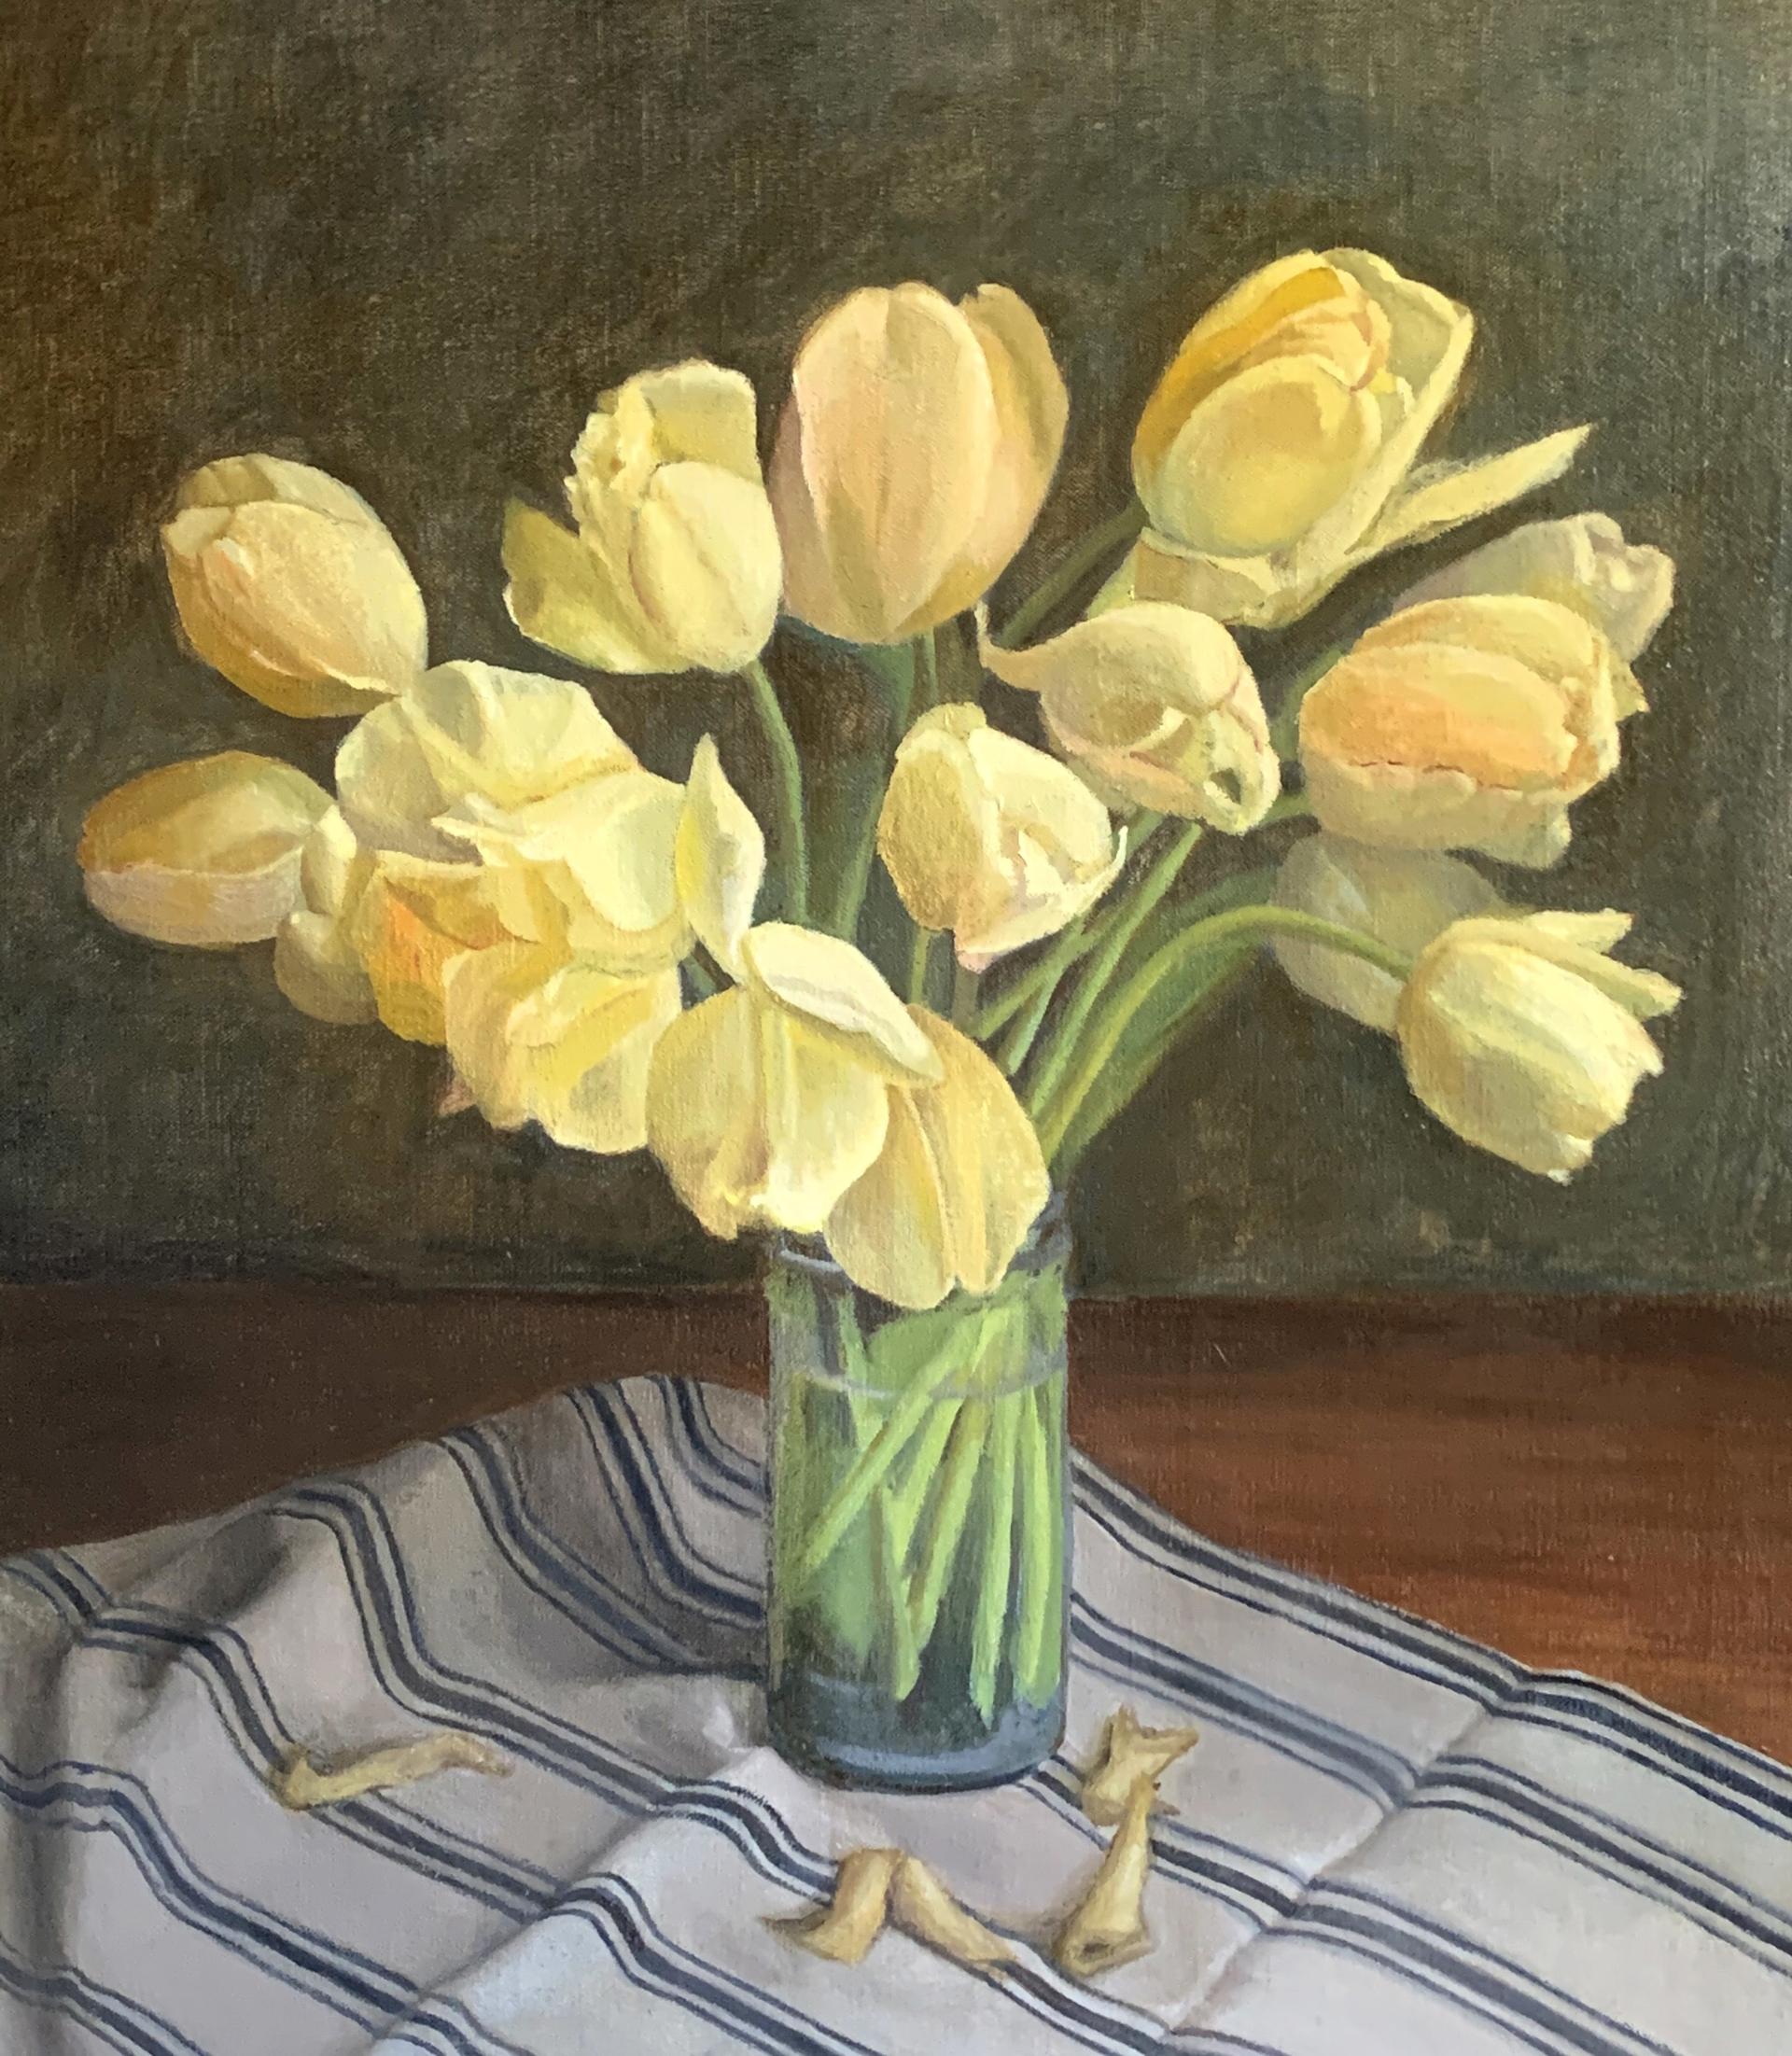 Yellow Tulips by Laura Murphey